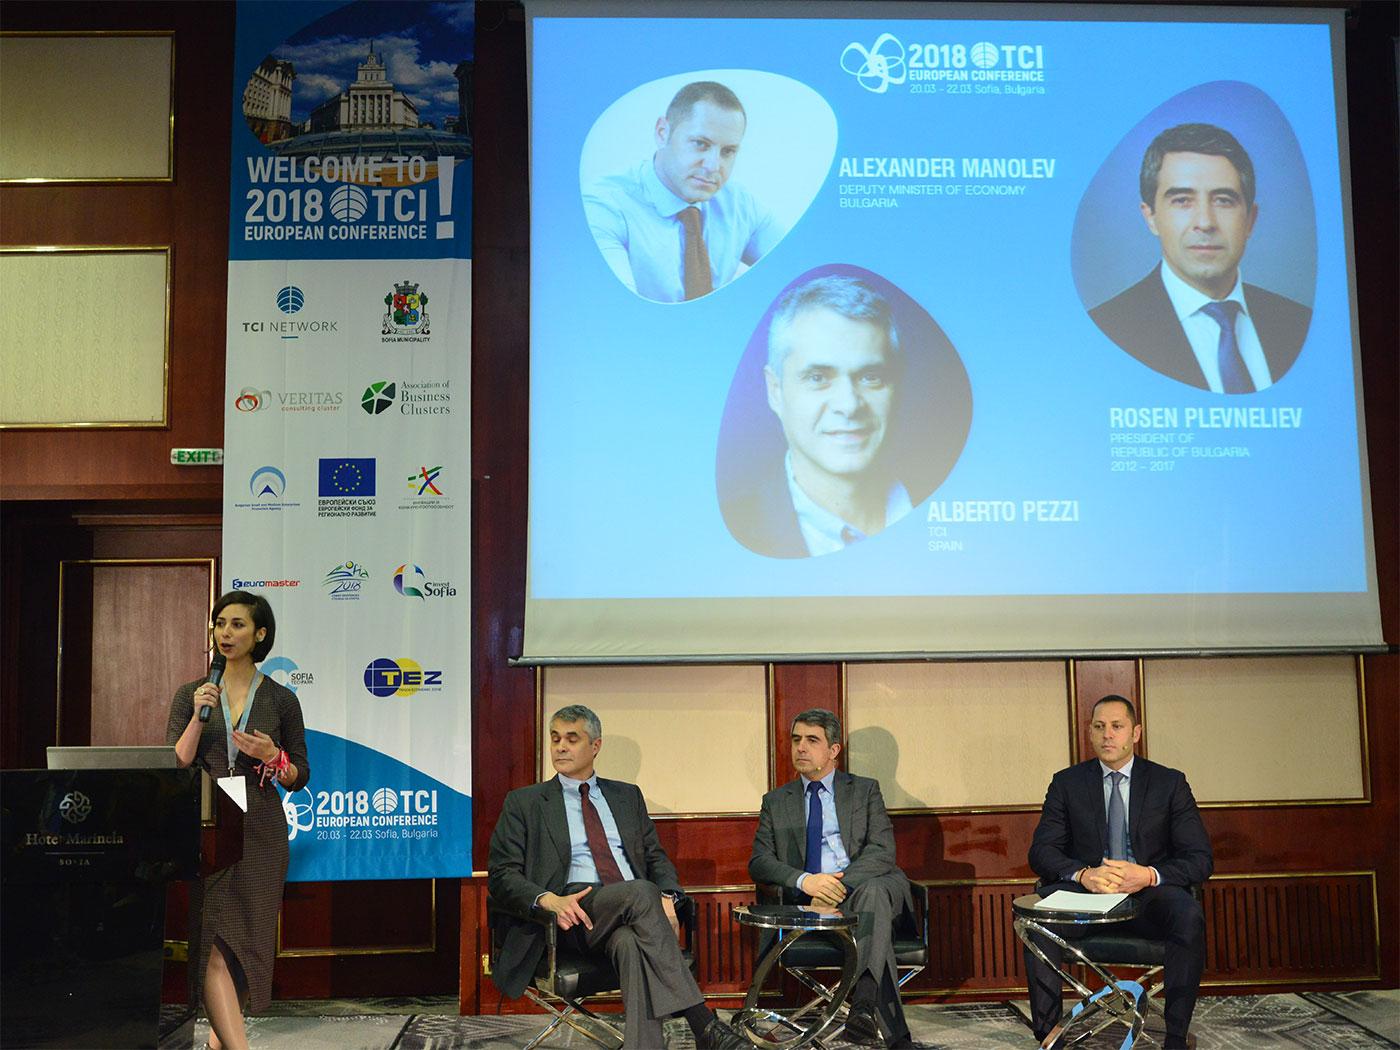 TCI European Conference 2018, София, България